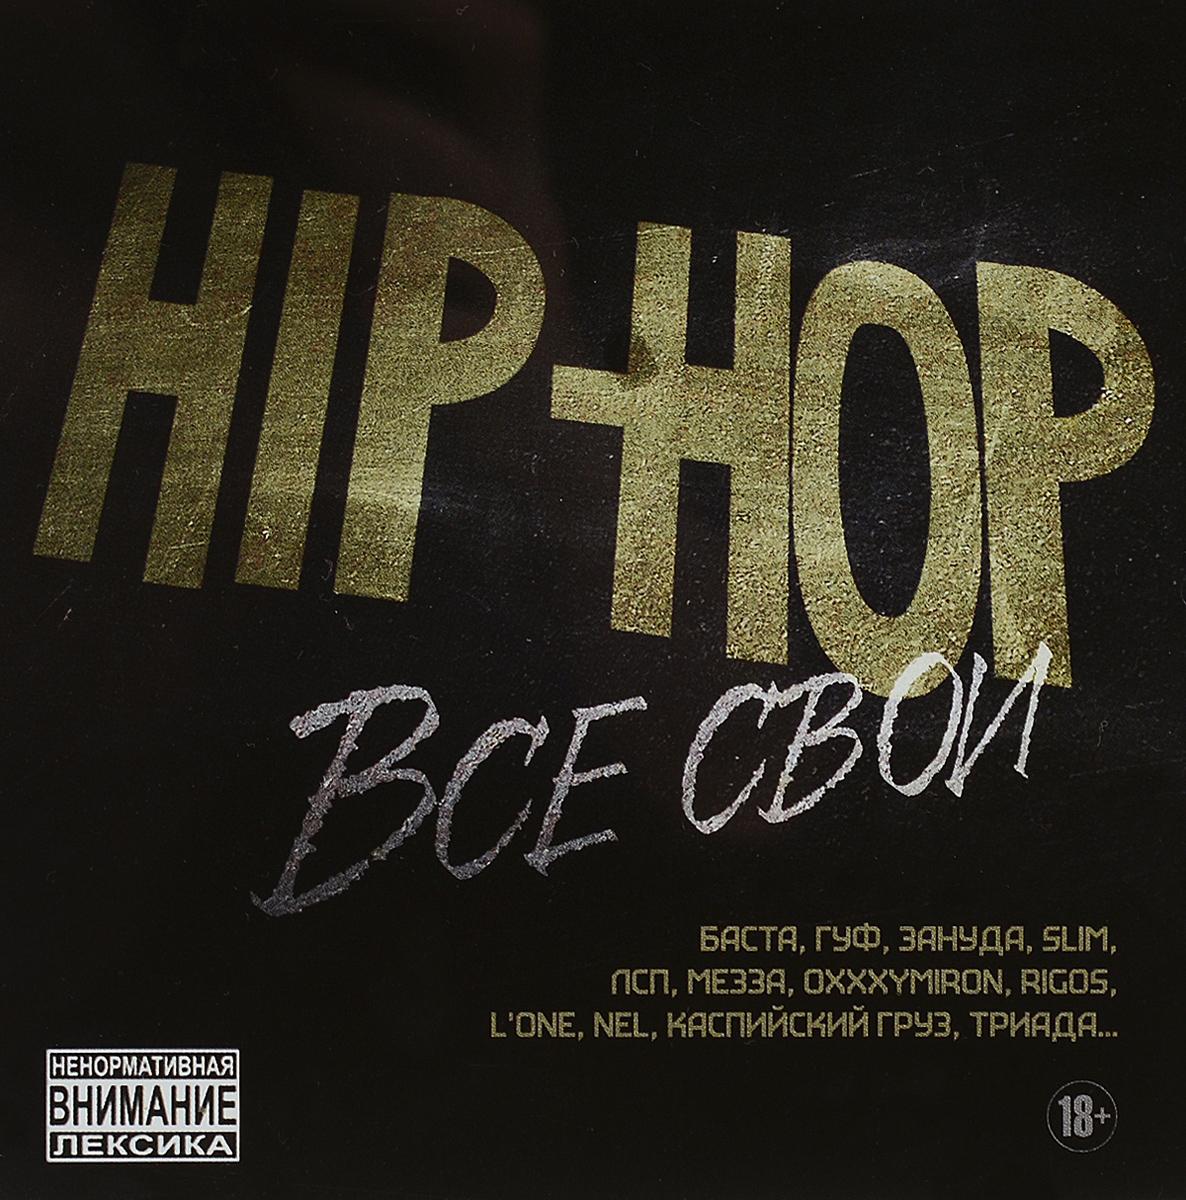 Мезза,L'One,Баста,Ассаи,Иван Дорн,Зануда,Guf Гуф,Триада,Oxxxymiron,Jambazi Hip-Hop. Все Свои (mp3) мезза l one баста ассаи иван дорн зануда guf гуф триада oxxxymiron jambazi hip hop все свои mp3